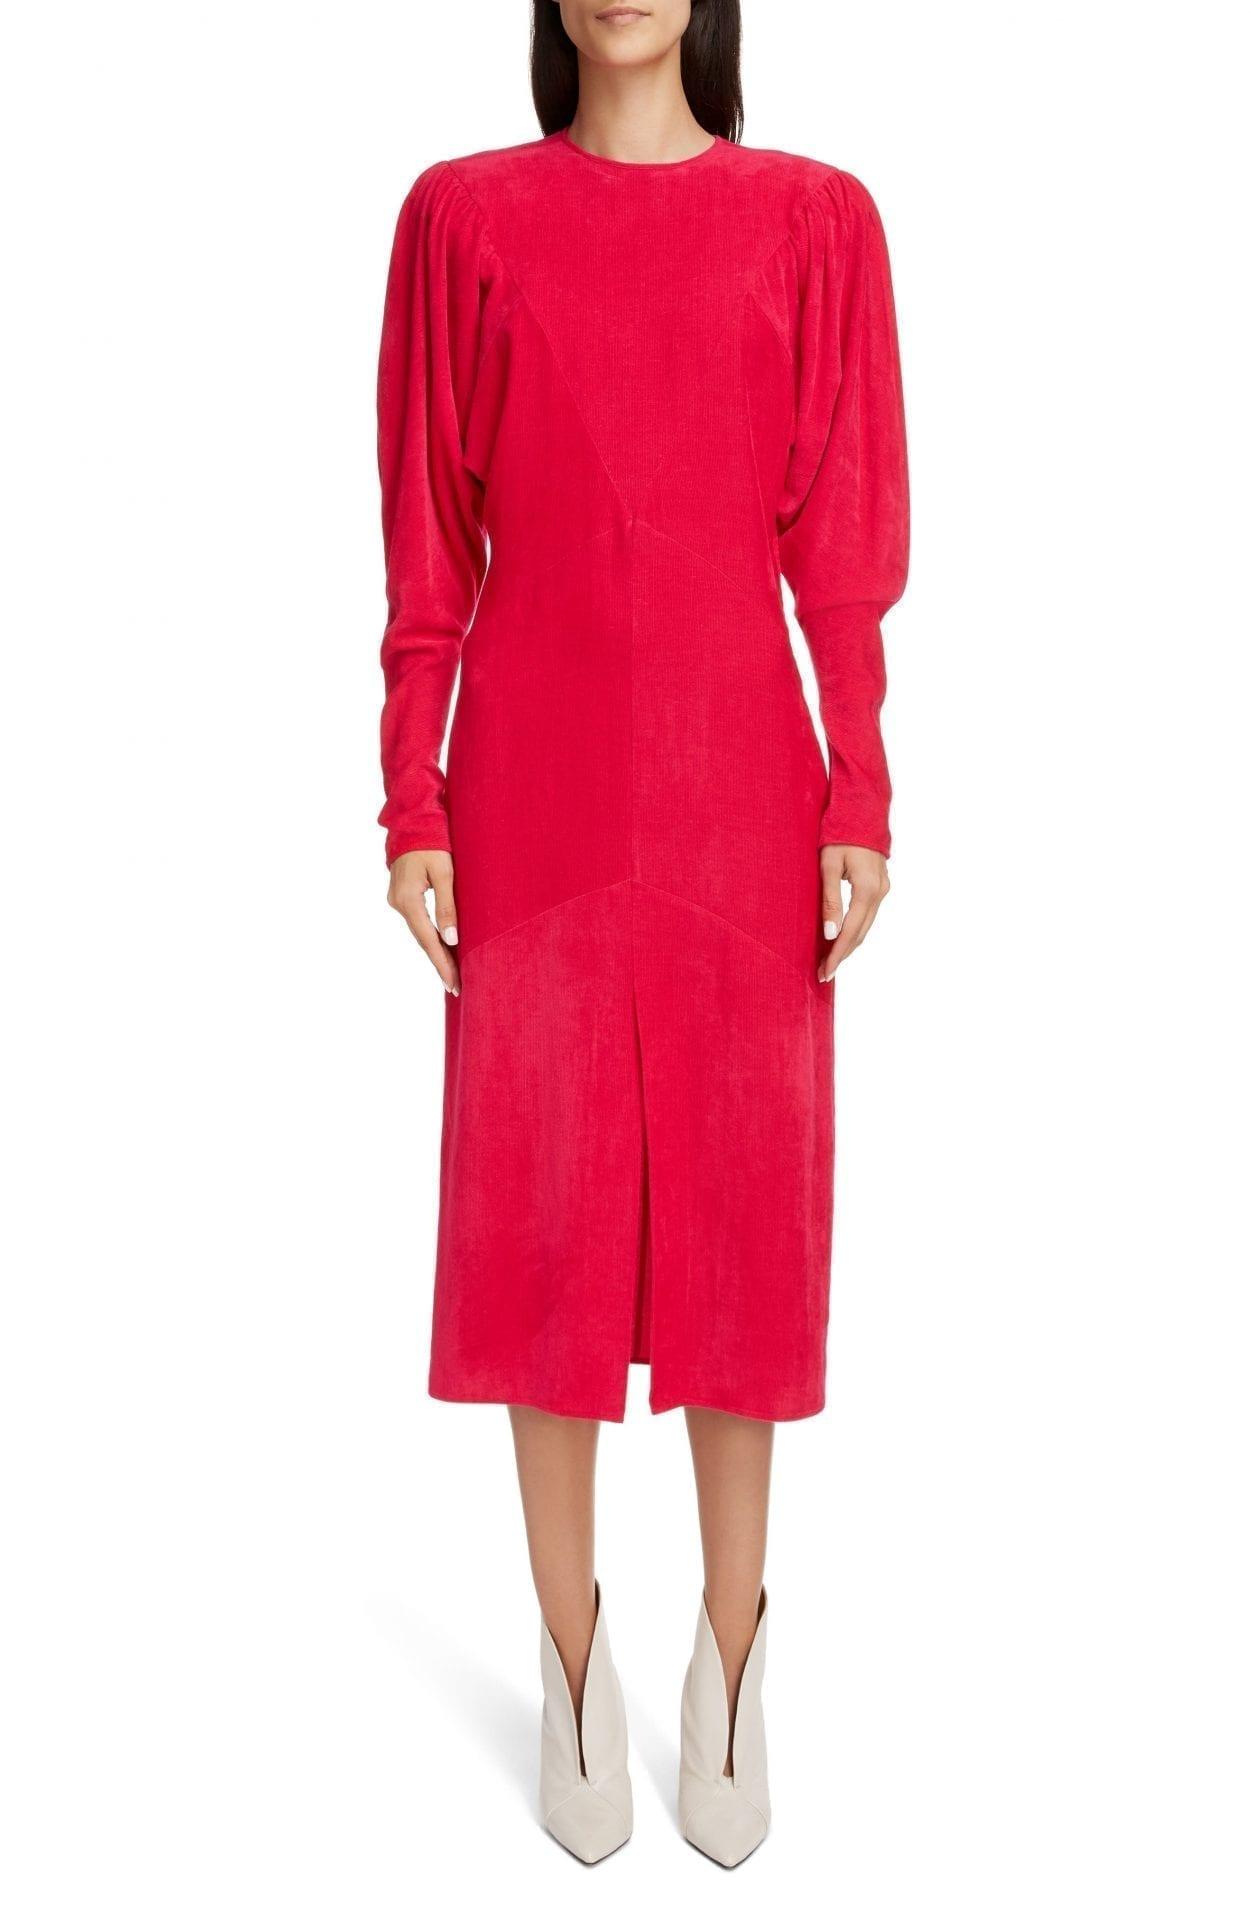 ISABEL MARANT Venia Long Sleeve Velvet Dress